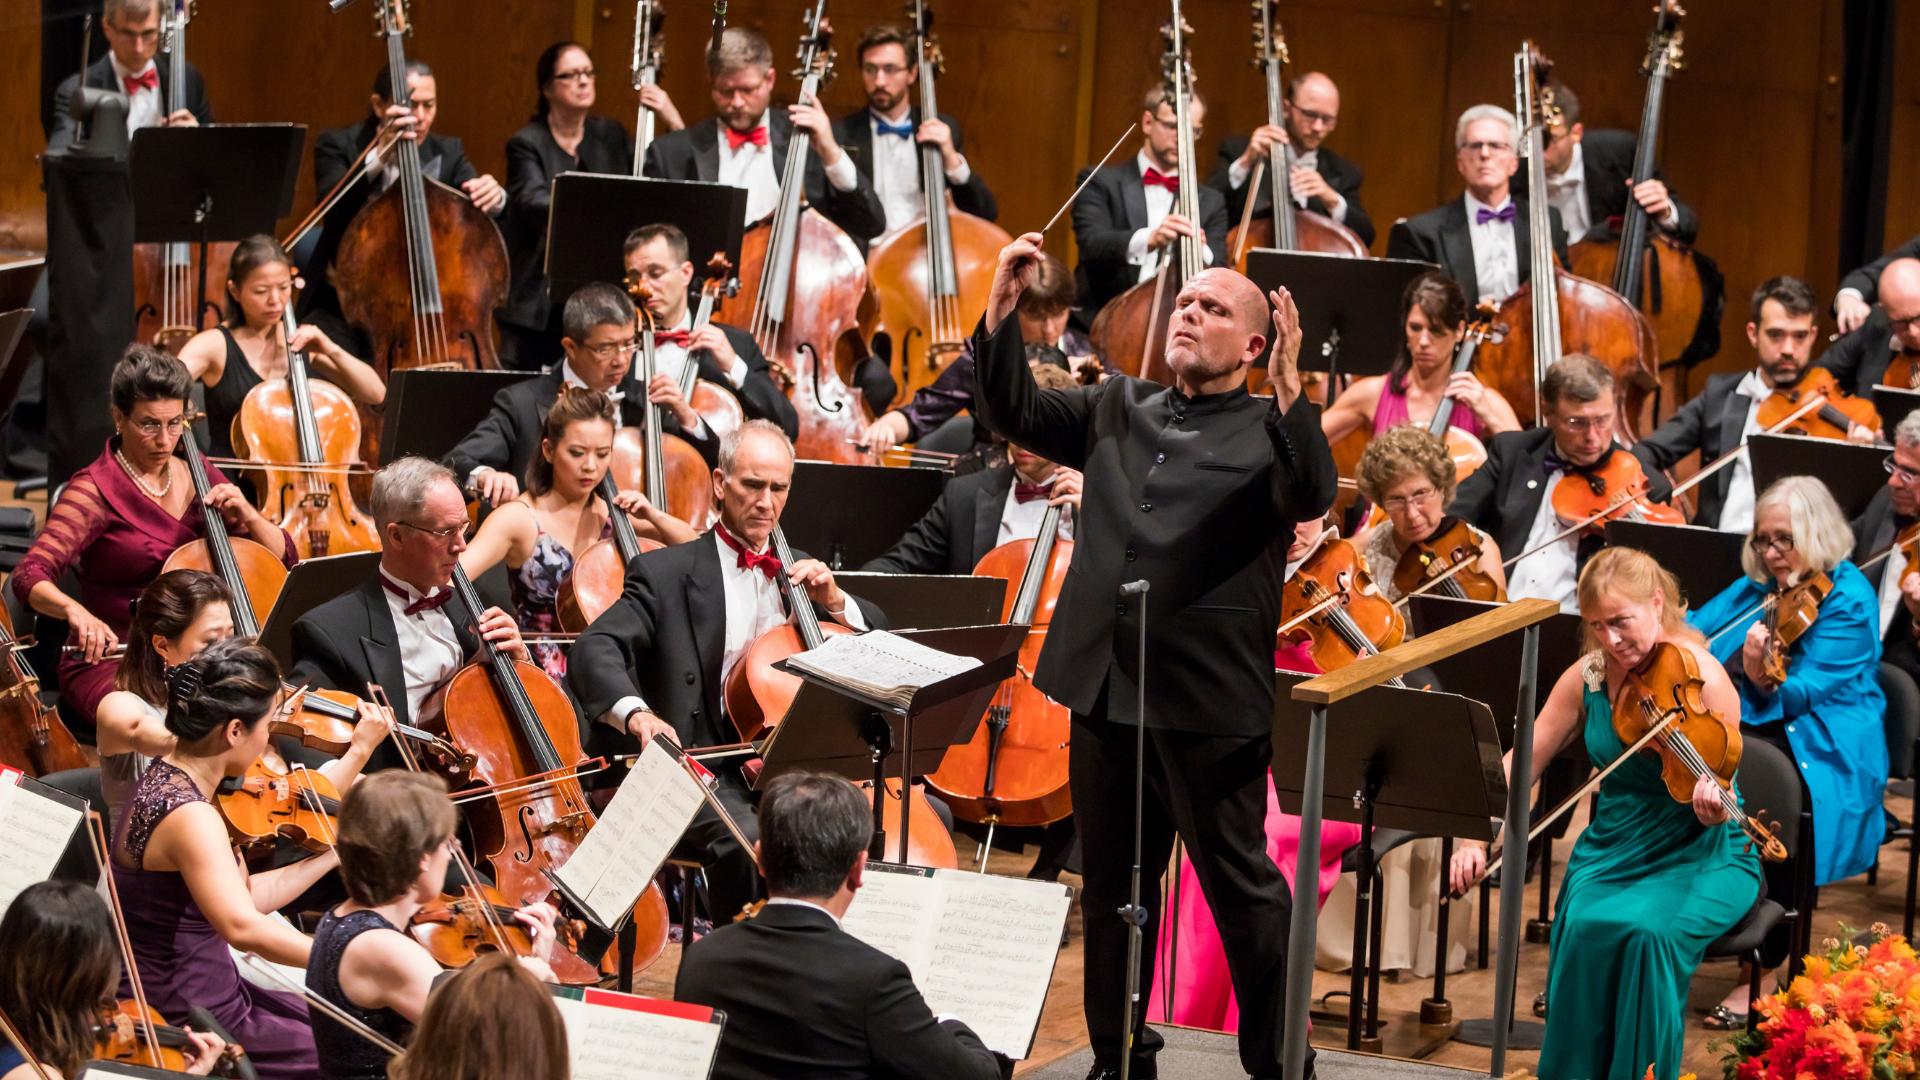 Jaap van Zweden and the New York Philharmonic. Photo credit: Chris Lee